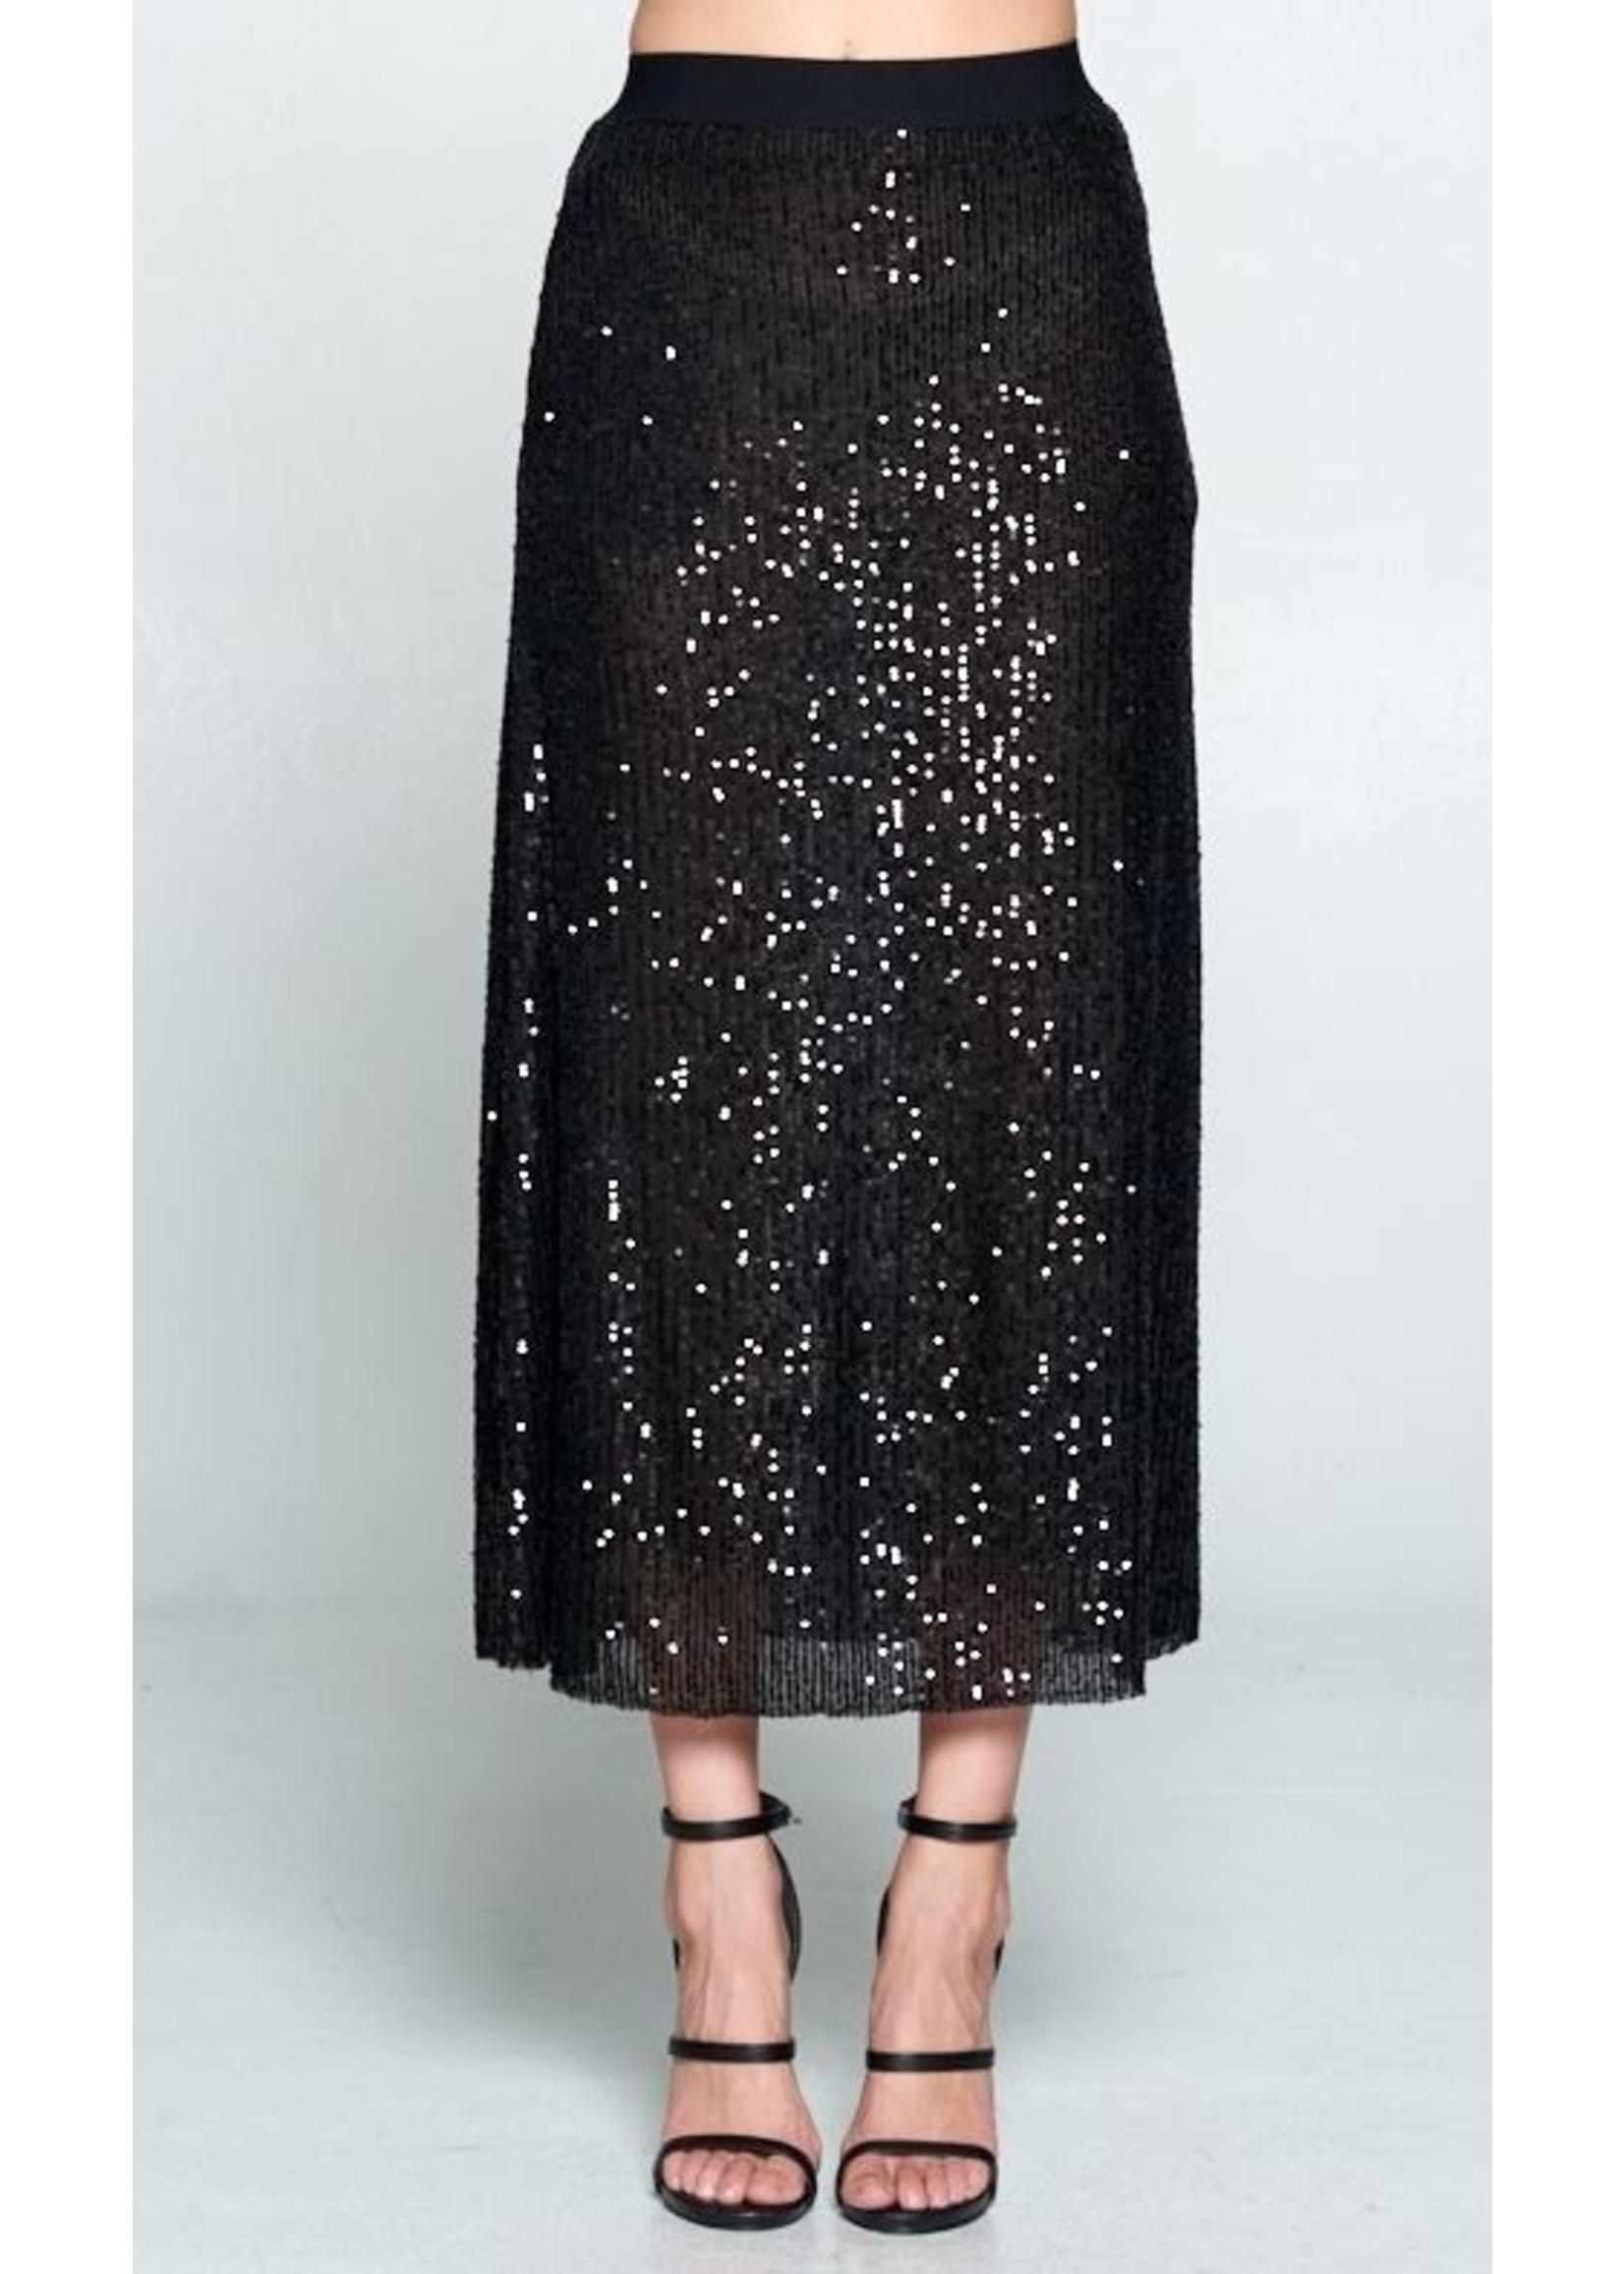 Sequin Black Midi Skirt